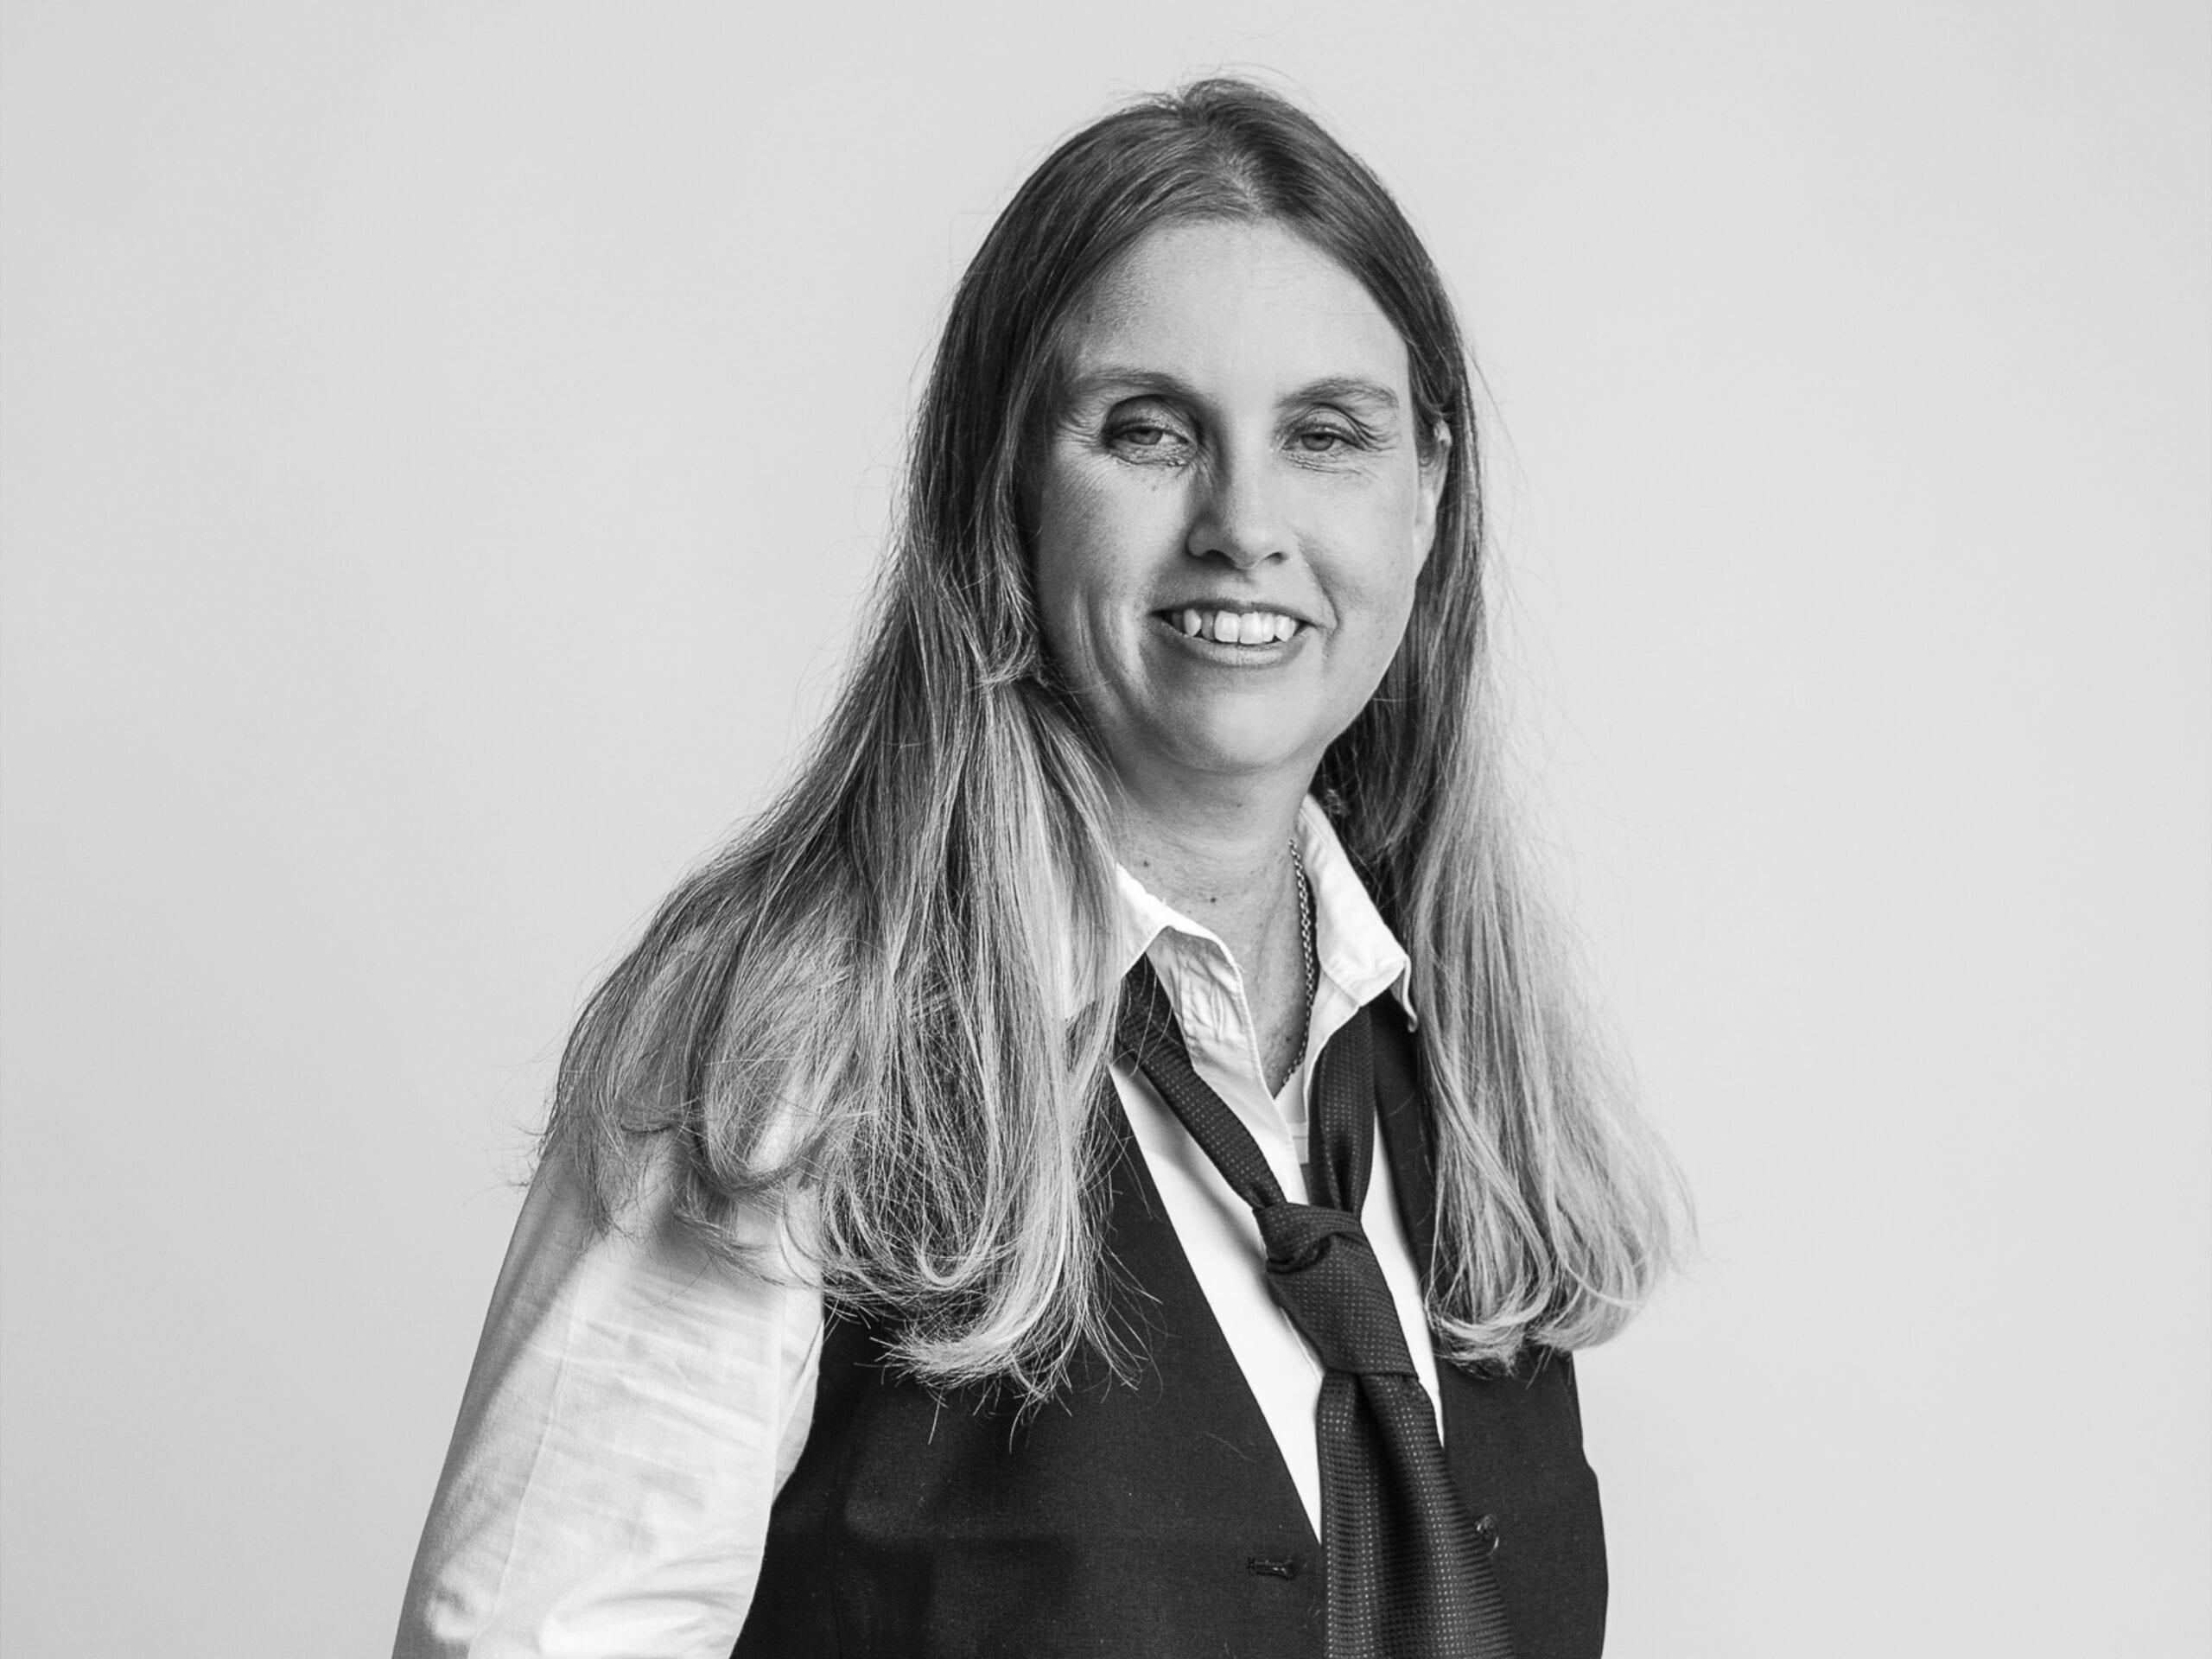 Svartvit porträttbild av Anna Bergholtz. Hon har långt blont hår och ler. Hon har på sig vit skjorta, svart slips och väst.